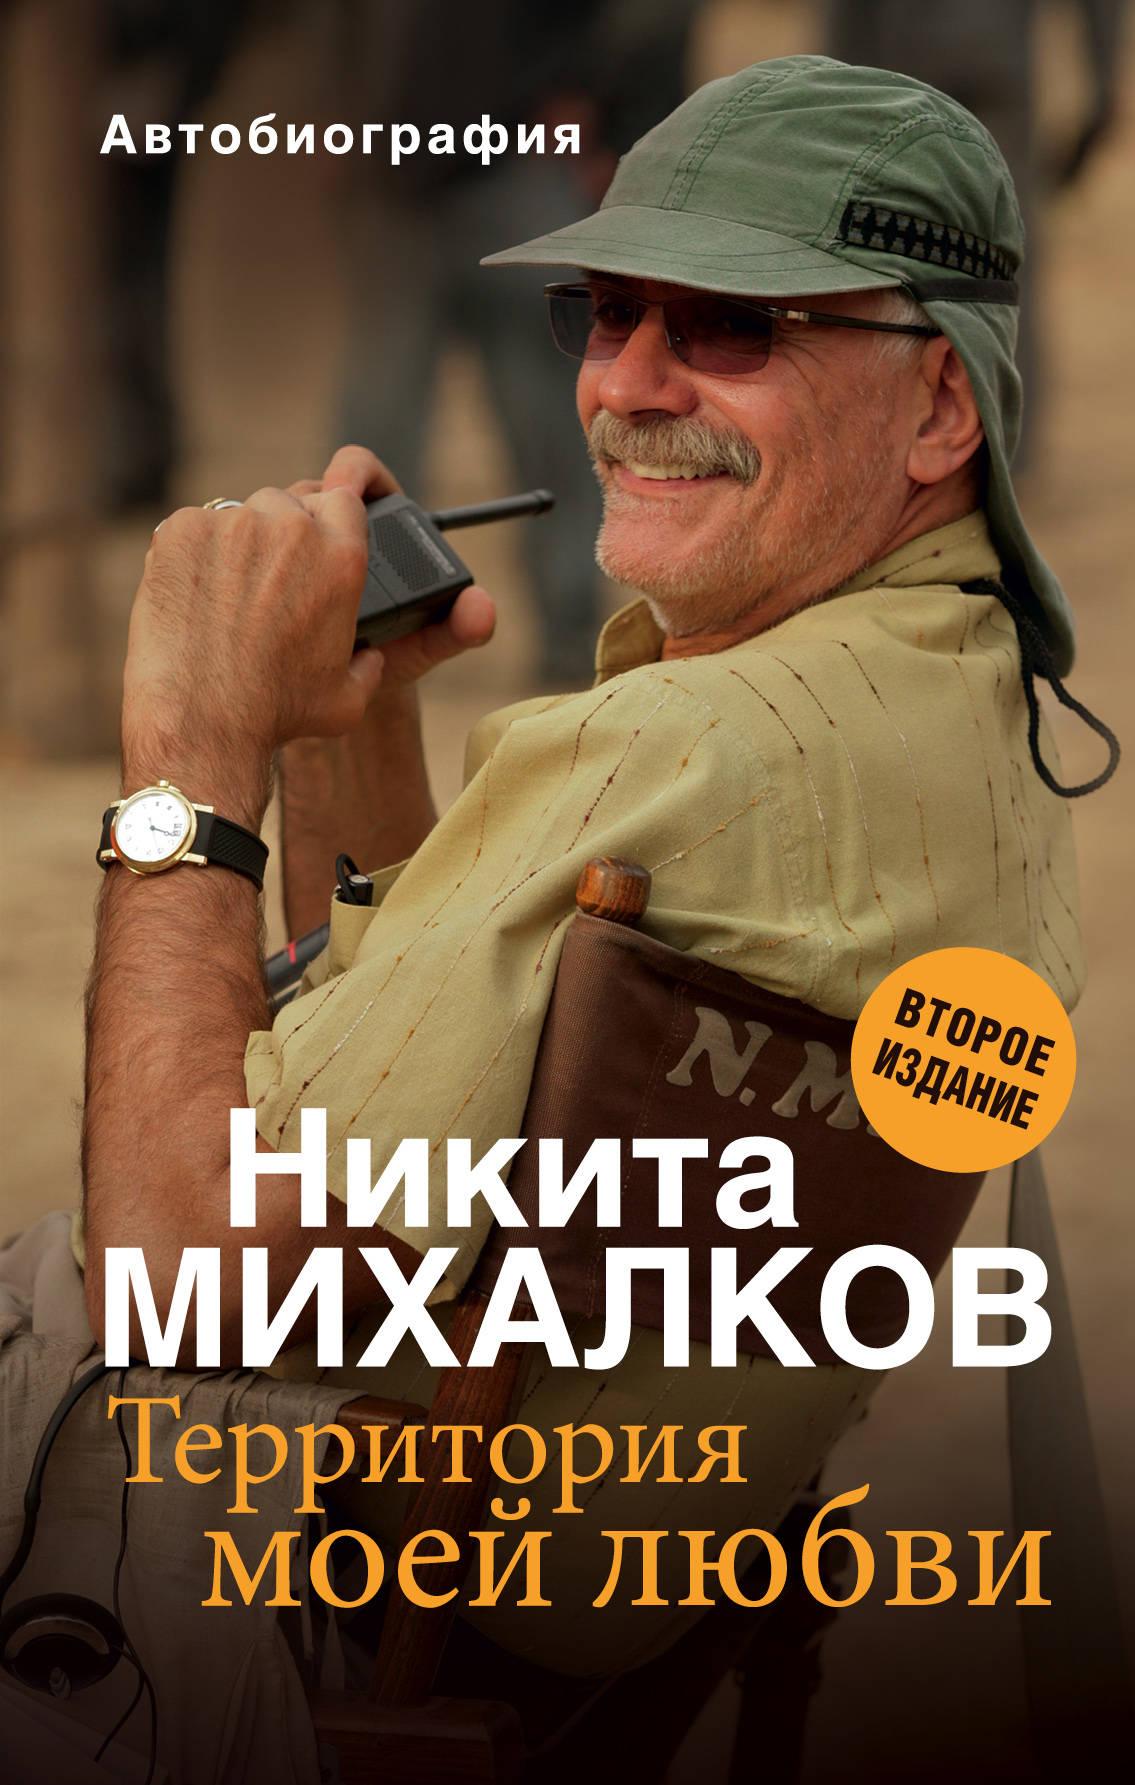 Михалков Никита Сергеевич Территория моей любви. 2-е издание цена в Москве и Питере